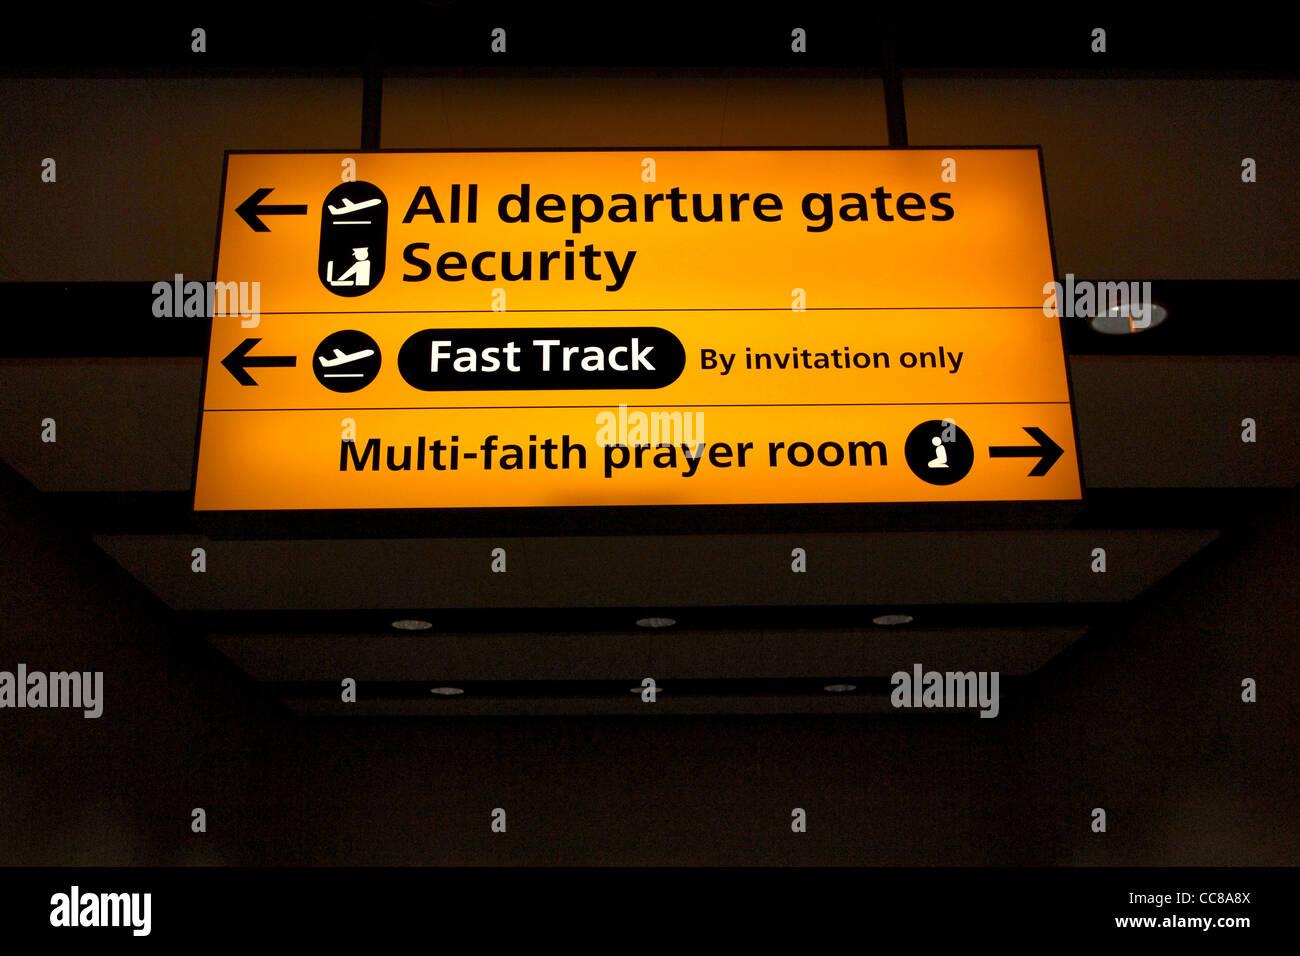 Uk airport salle de prière multiconfessionnelle sign Banque D'Images